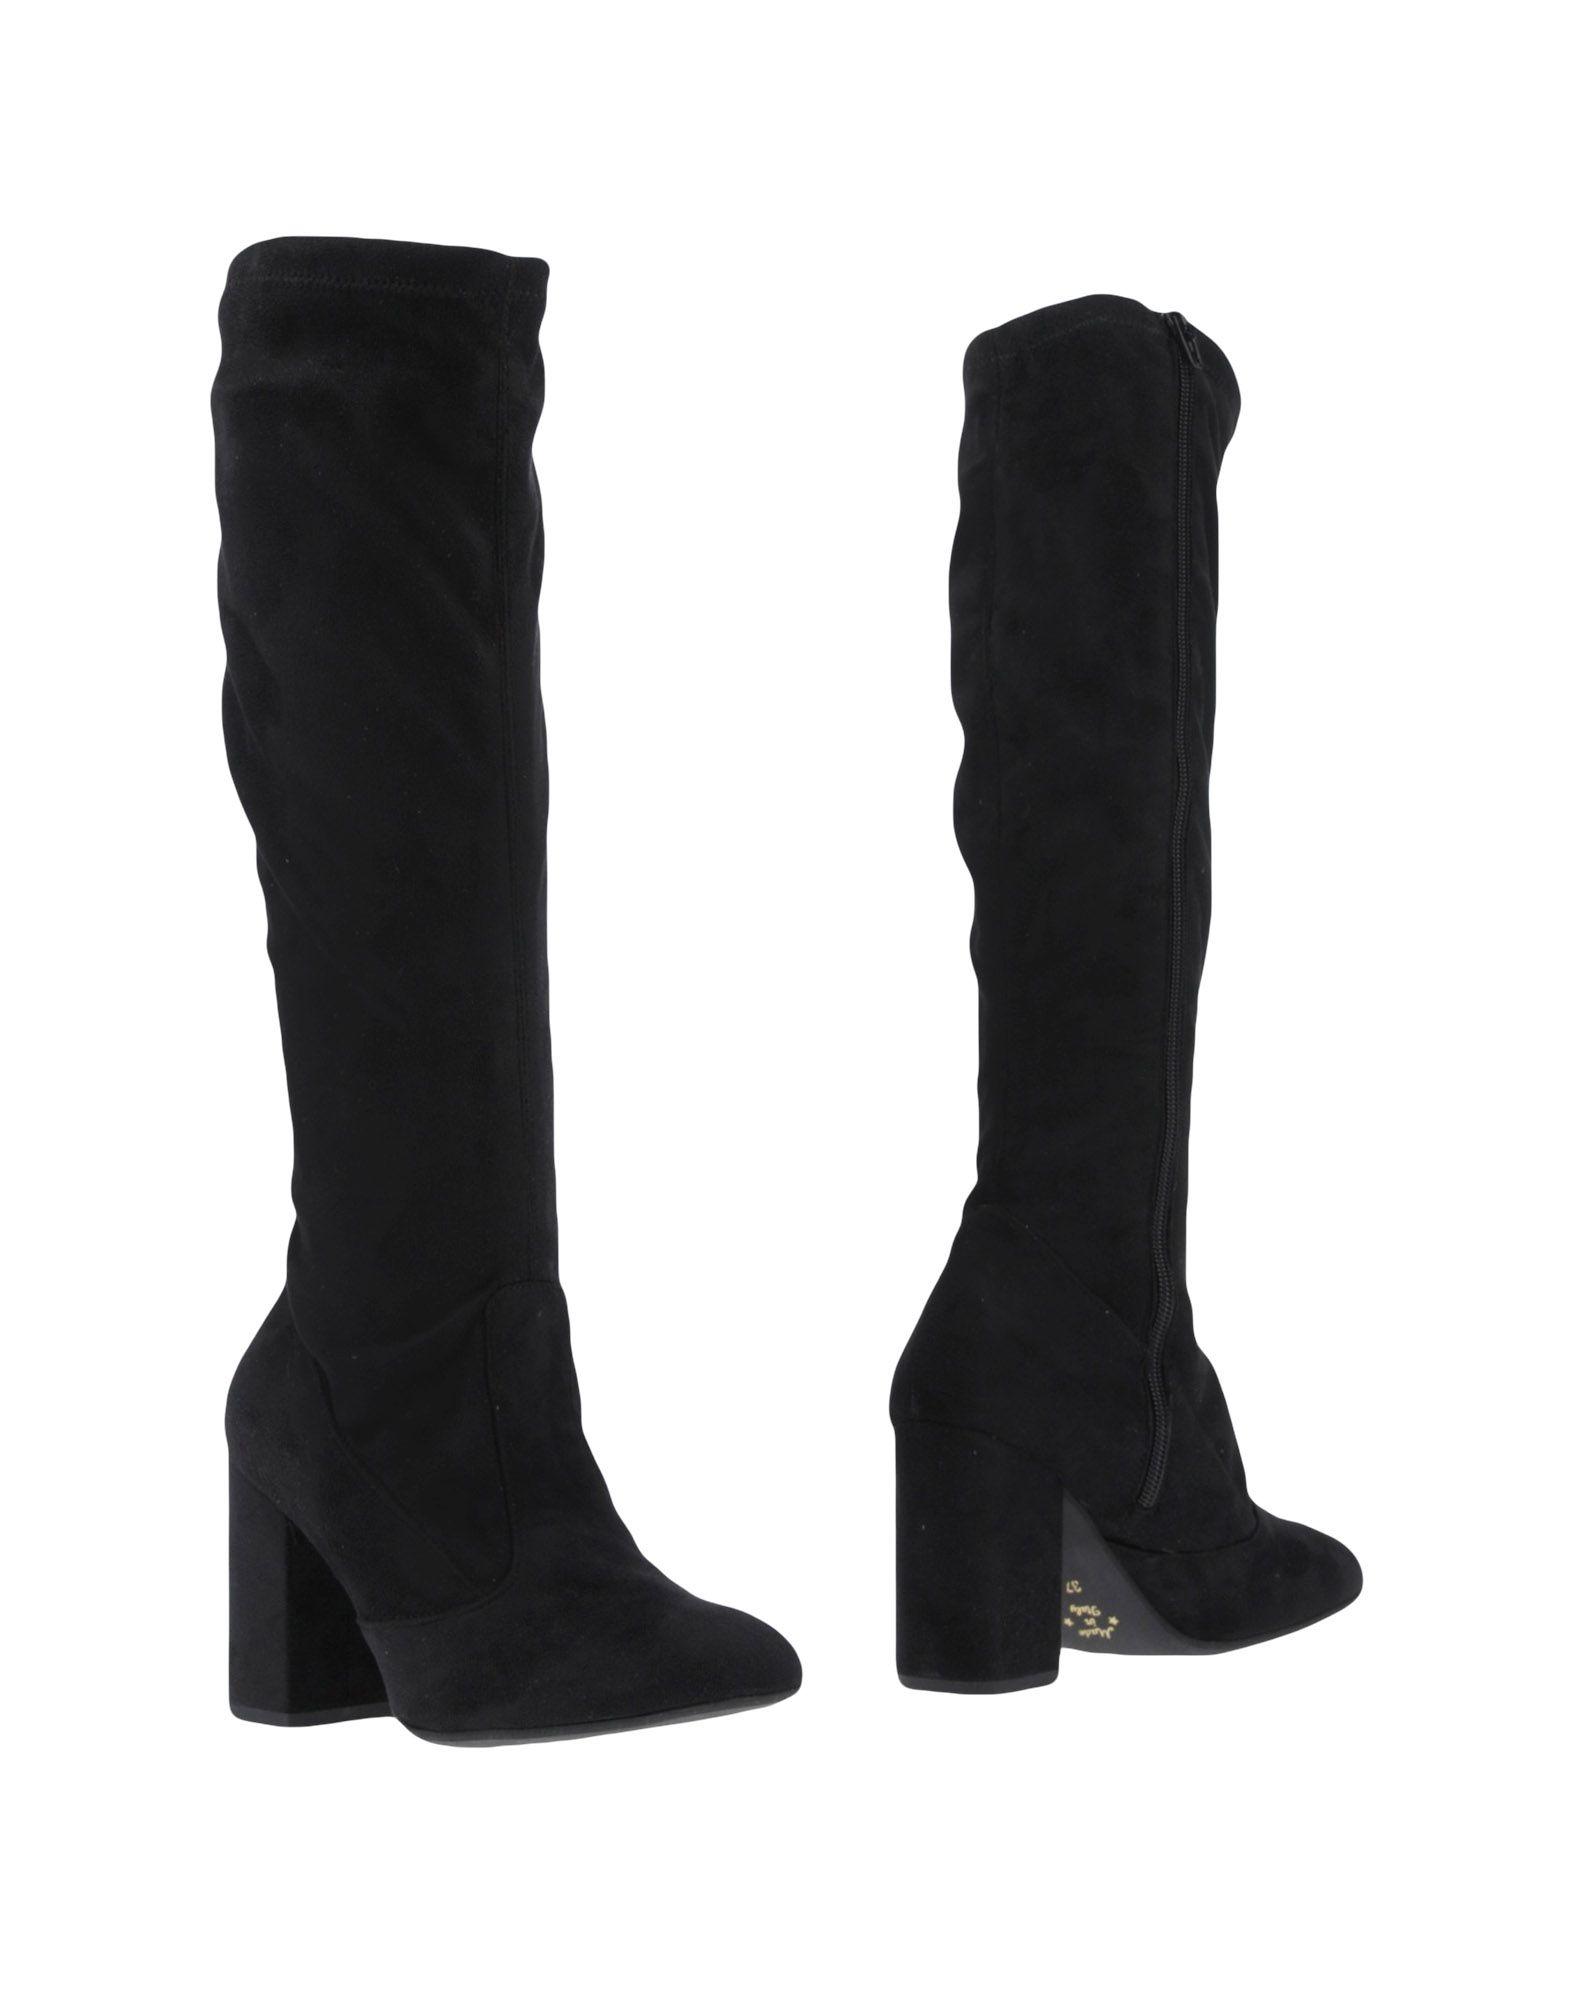 Gut um Stiefel billige Schuhe zu tragenOroscuro Stiefel um Damen  11455373HB 1e5941